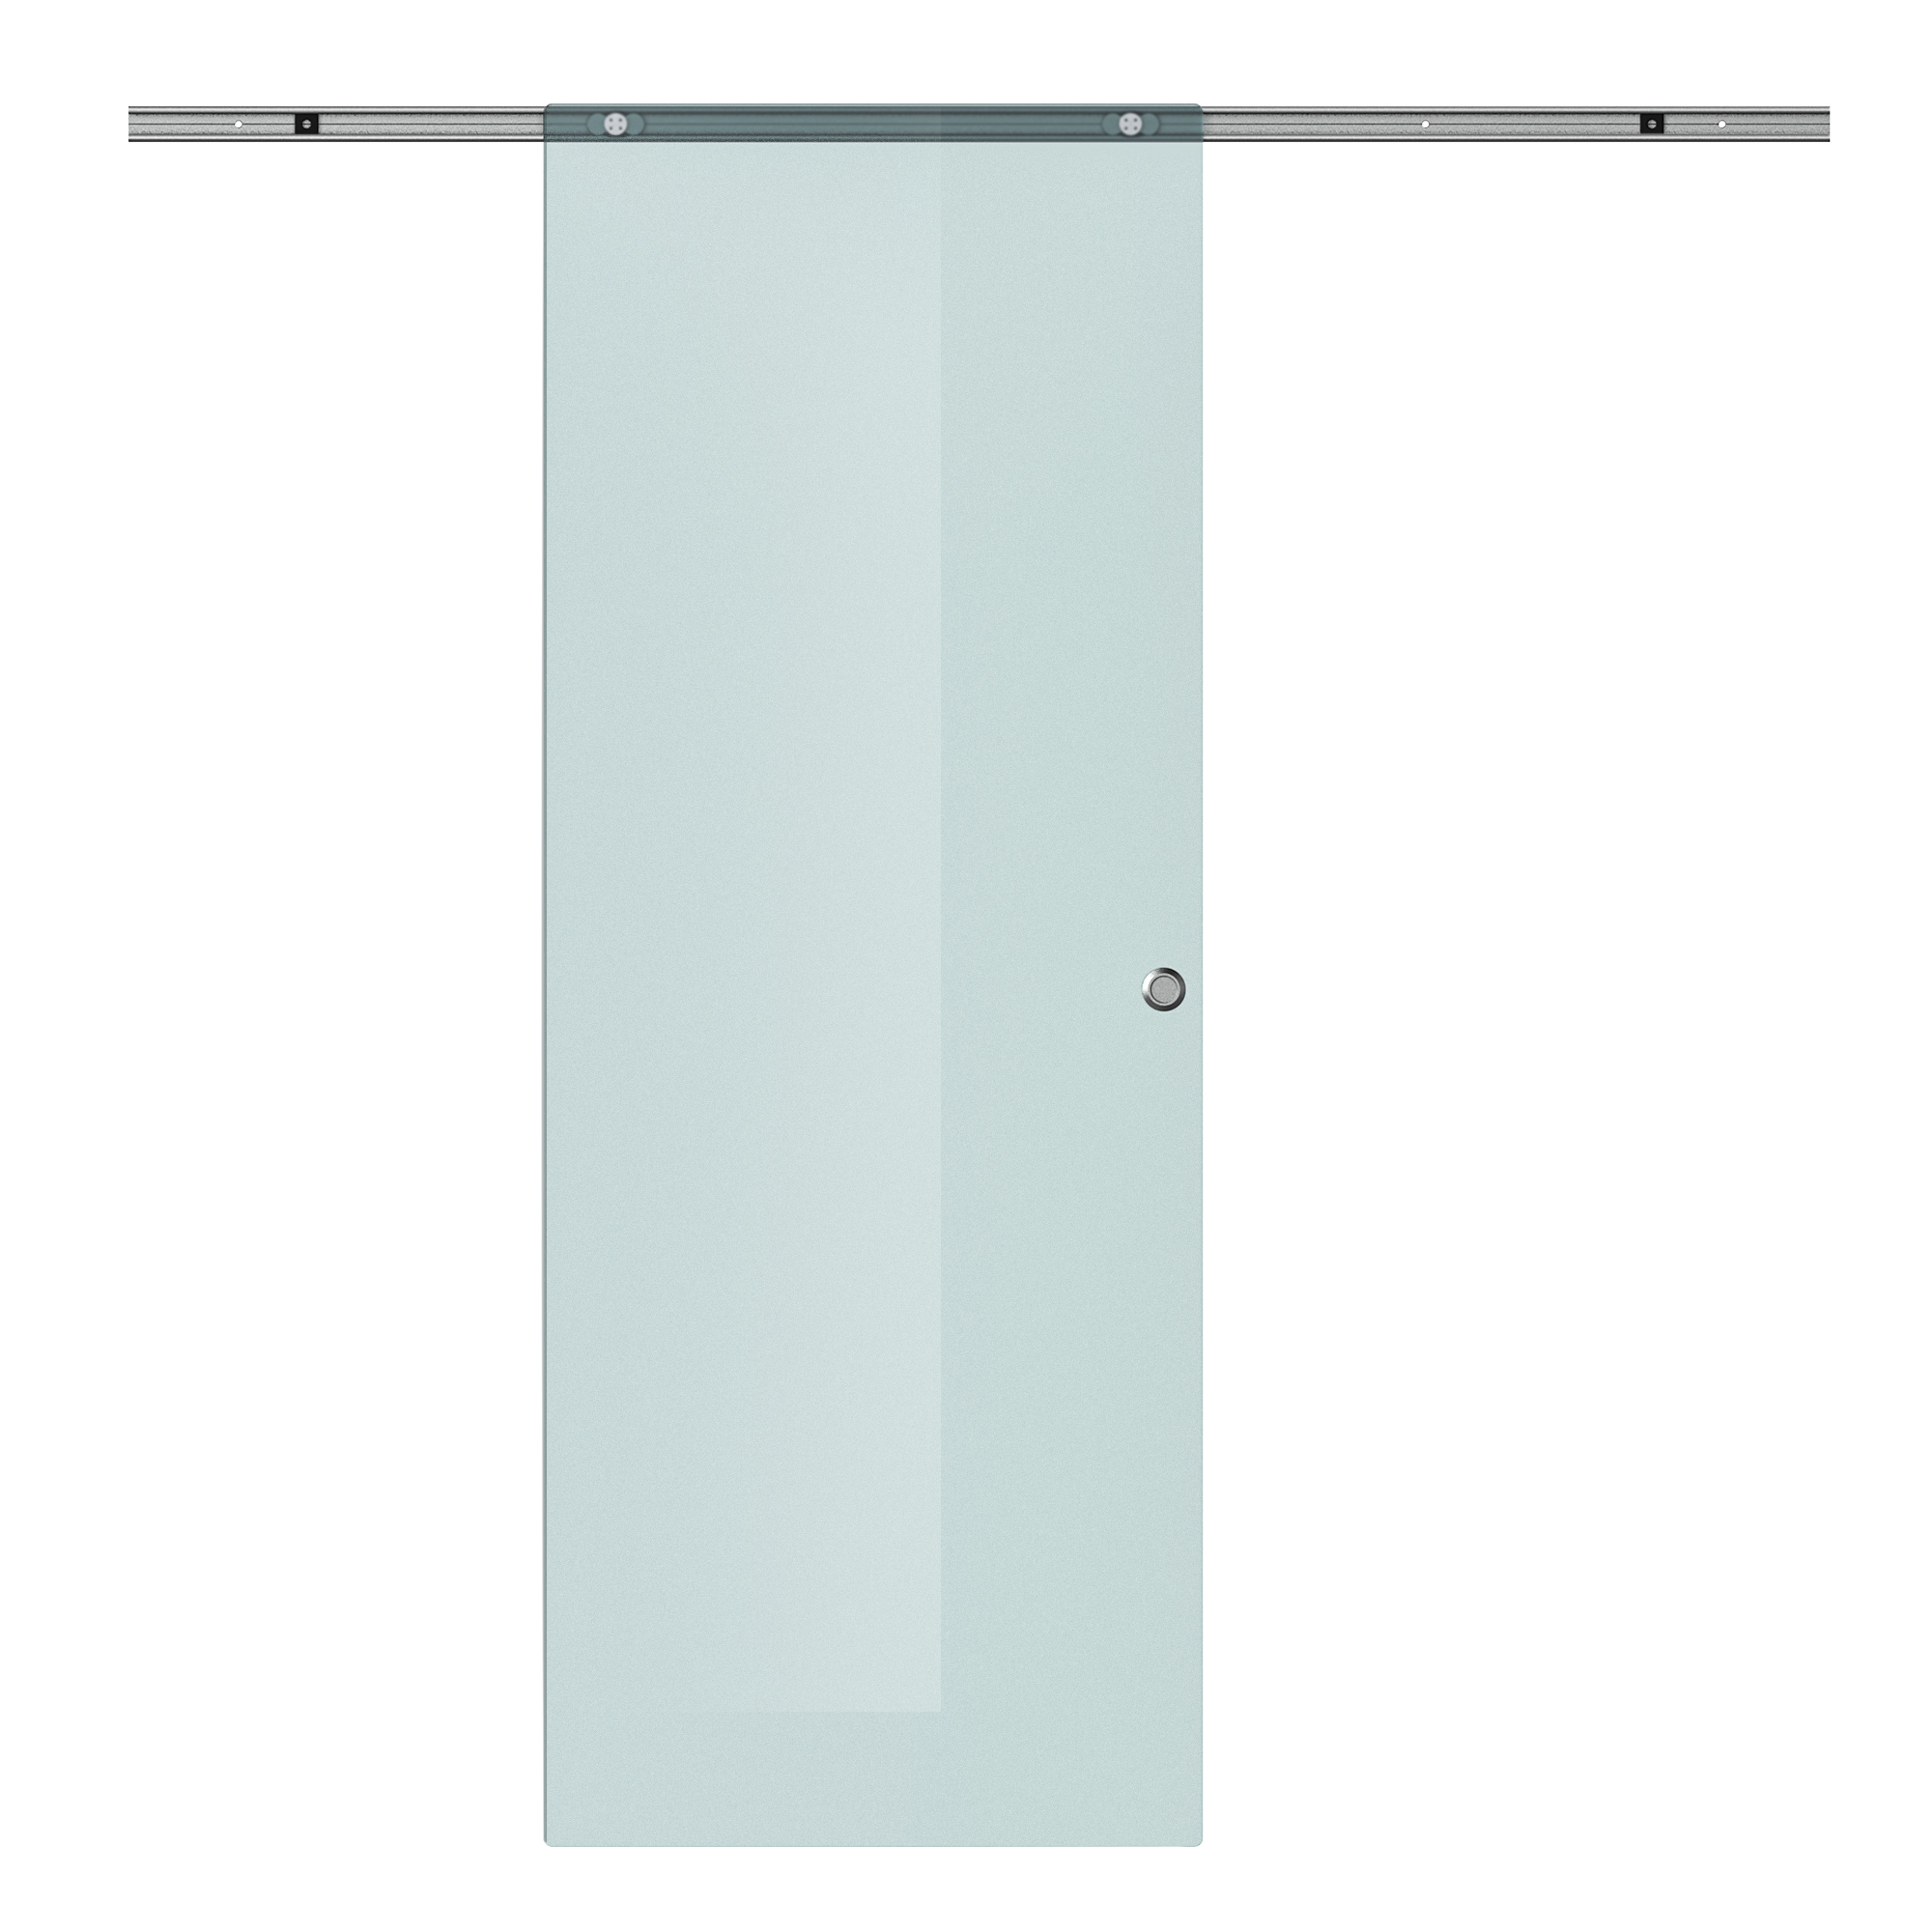 Homcom Porta Scorrevole in Vetro Smerigliato e Binario in Alluminio, 77.5x205cm